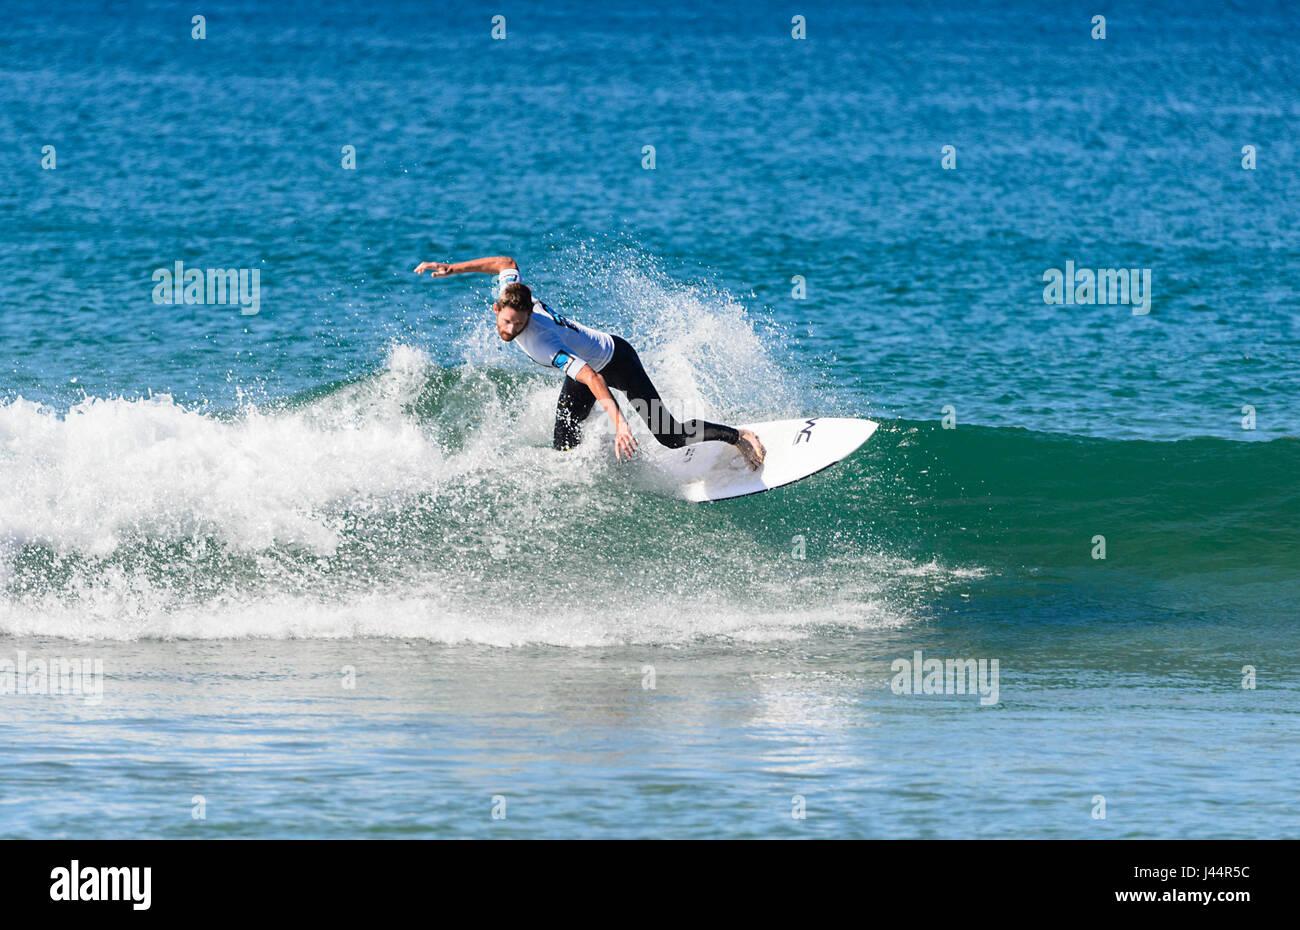 Giovane maschio competere nel Werri Slash gara di surf, Gerringong, Nuovo Galles del Sud, NSW, Australia Immagini Stock